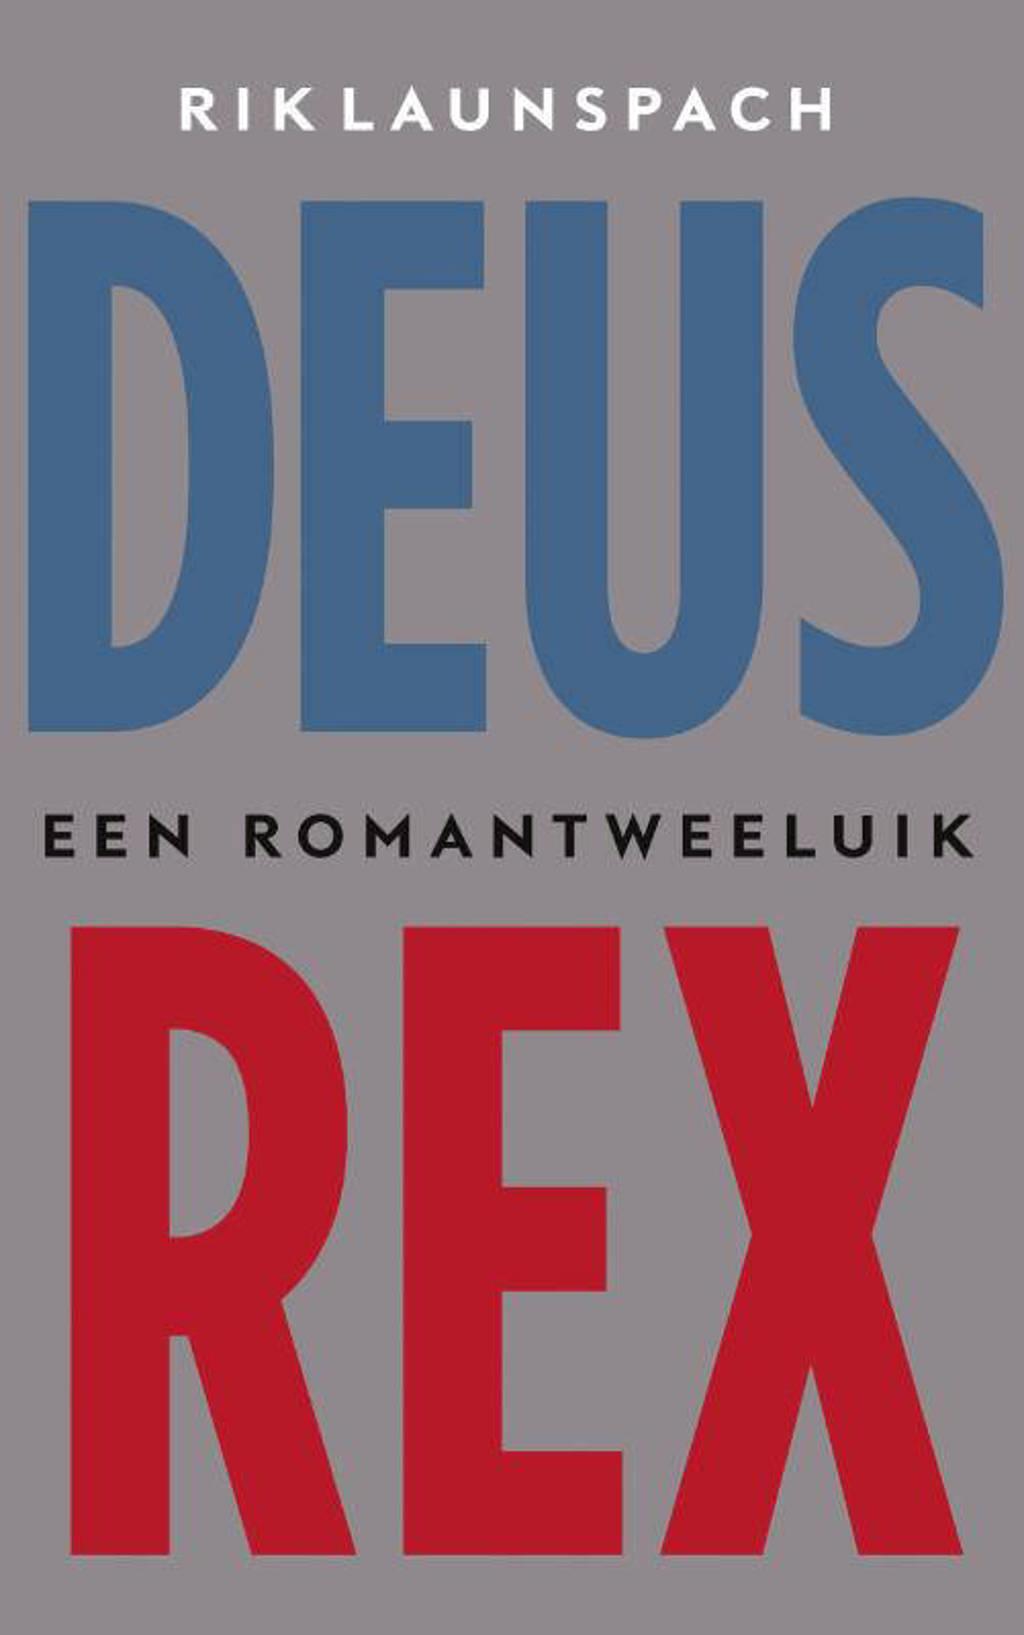 Deus Rex - Rik Launspach